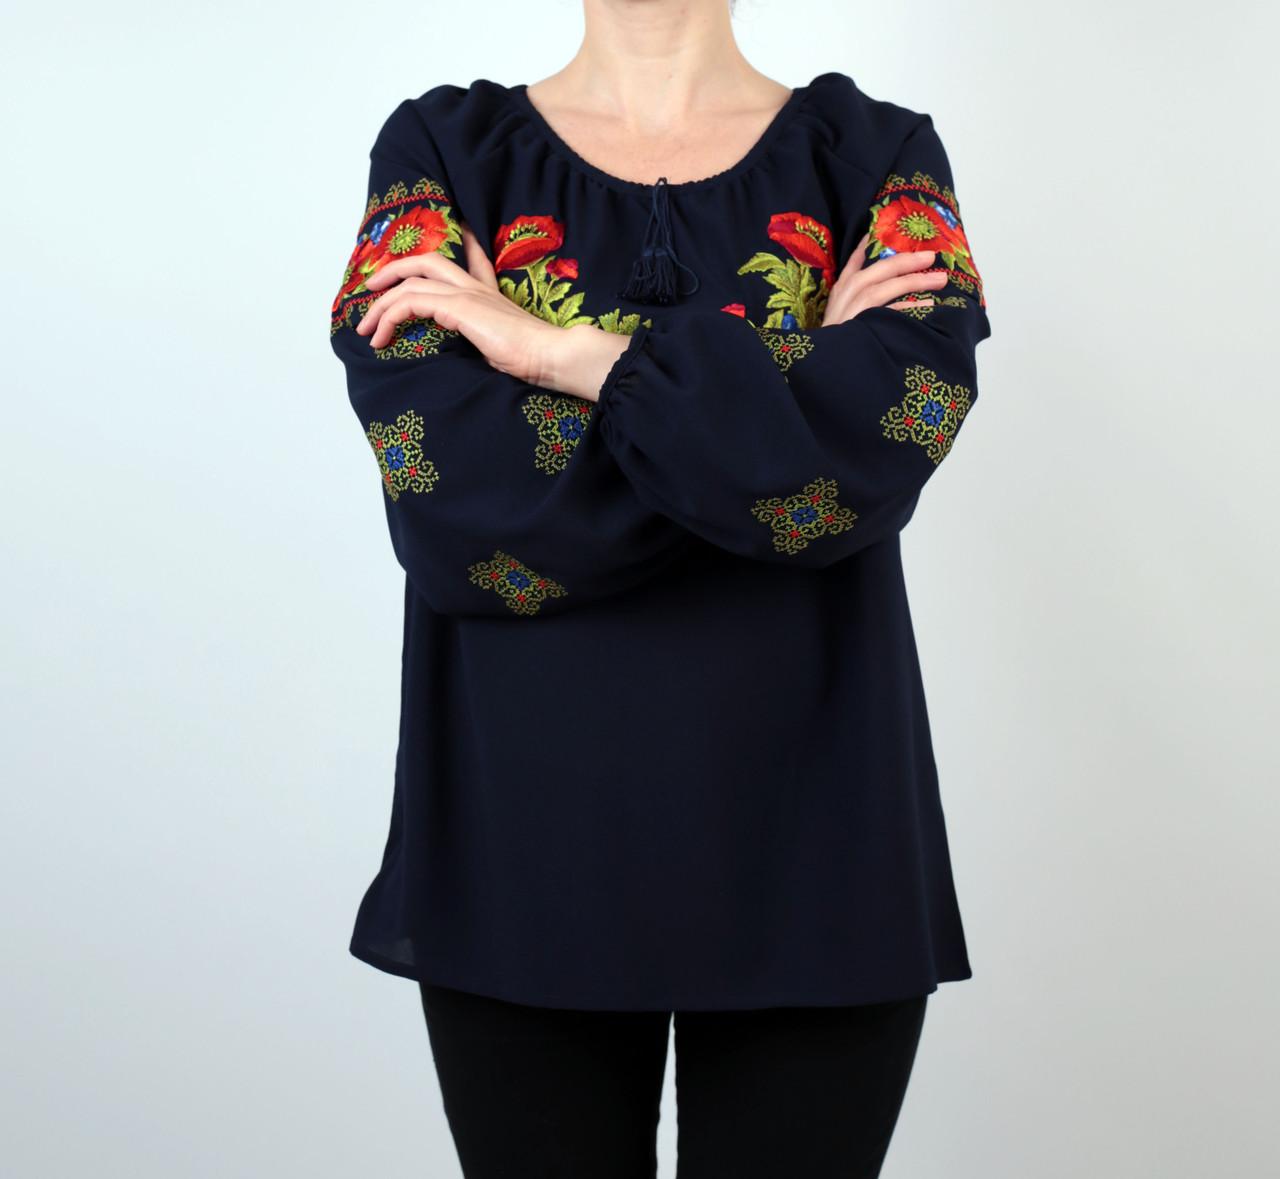 bba0073d16c ... Жіноча шифонова блузка темно-синього кольору з етнічним орнаментом  недорого